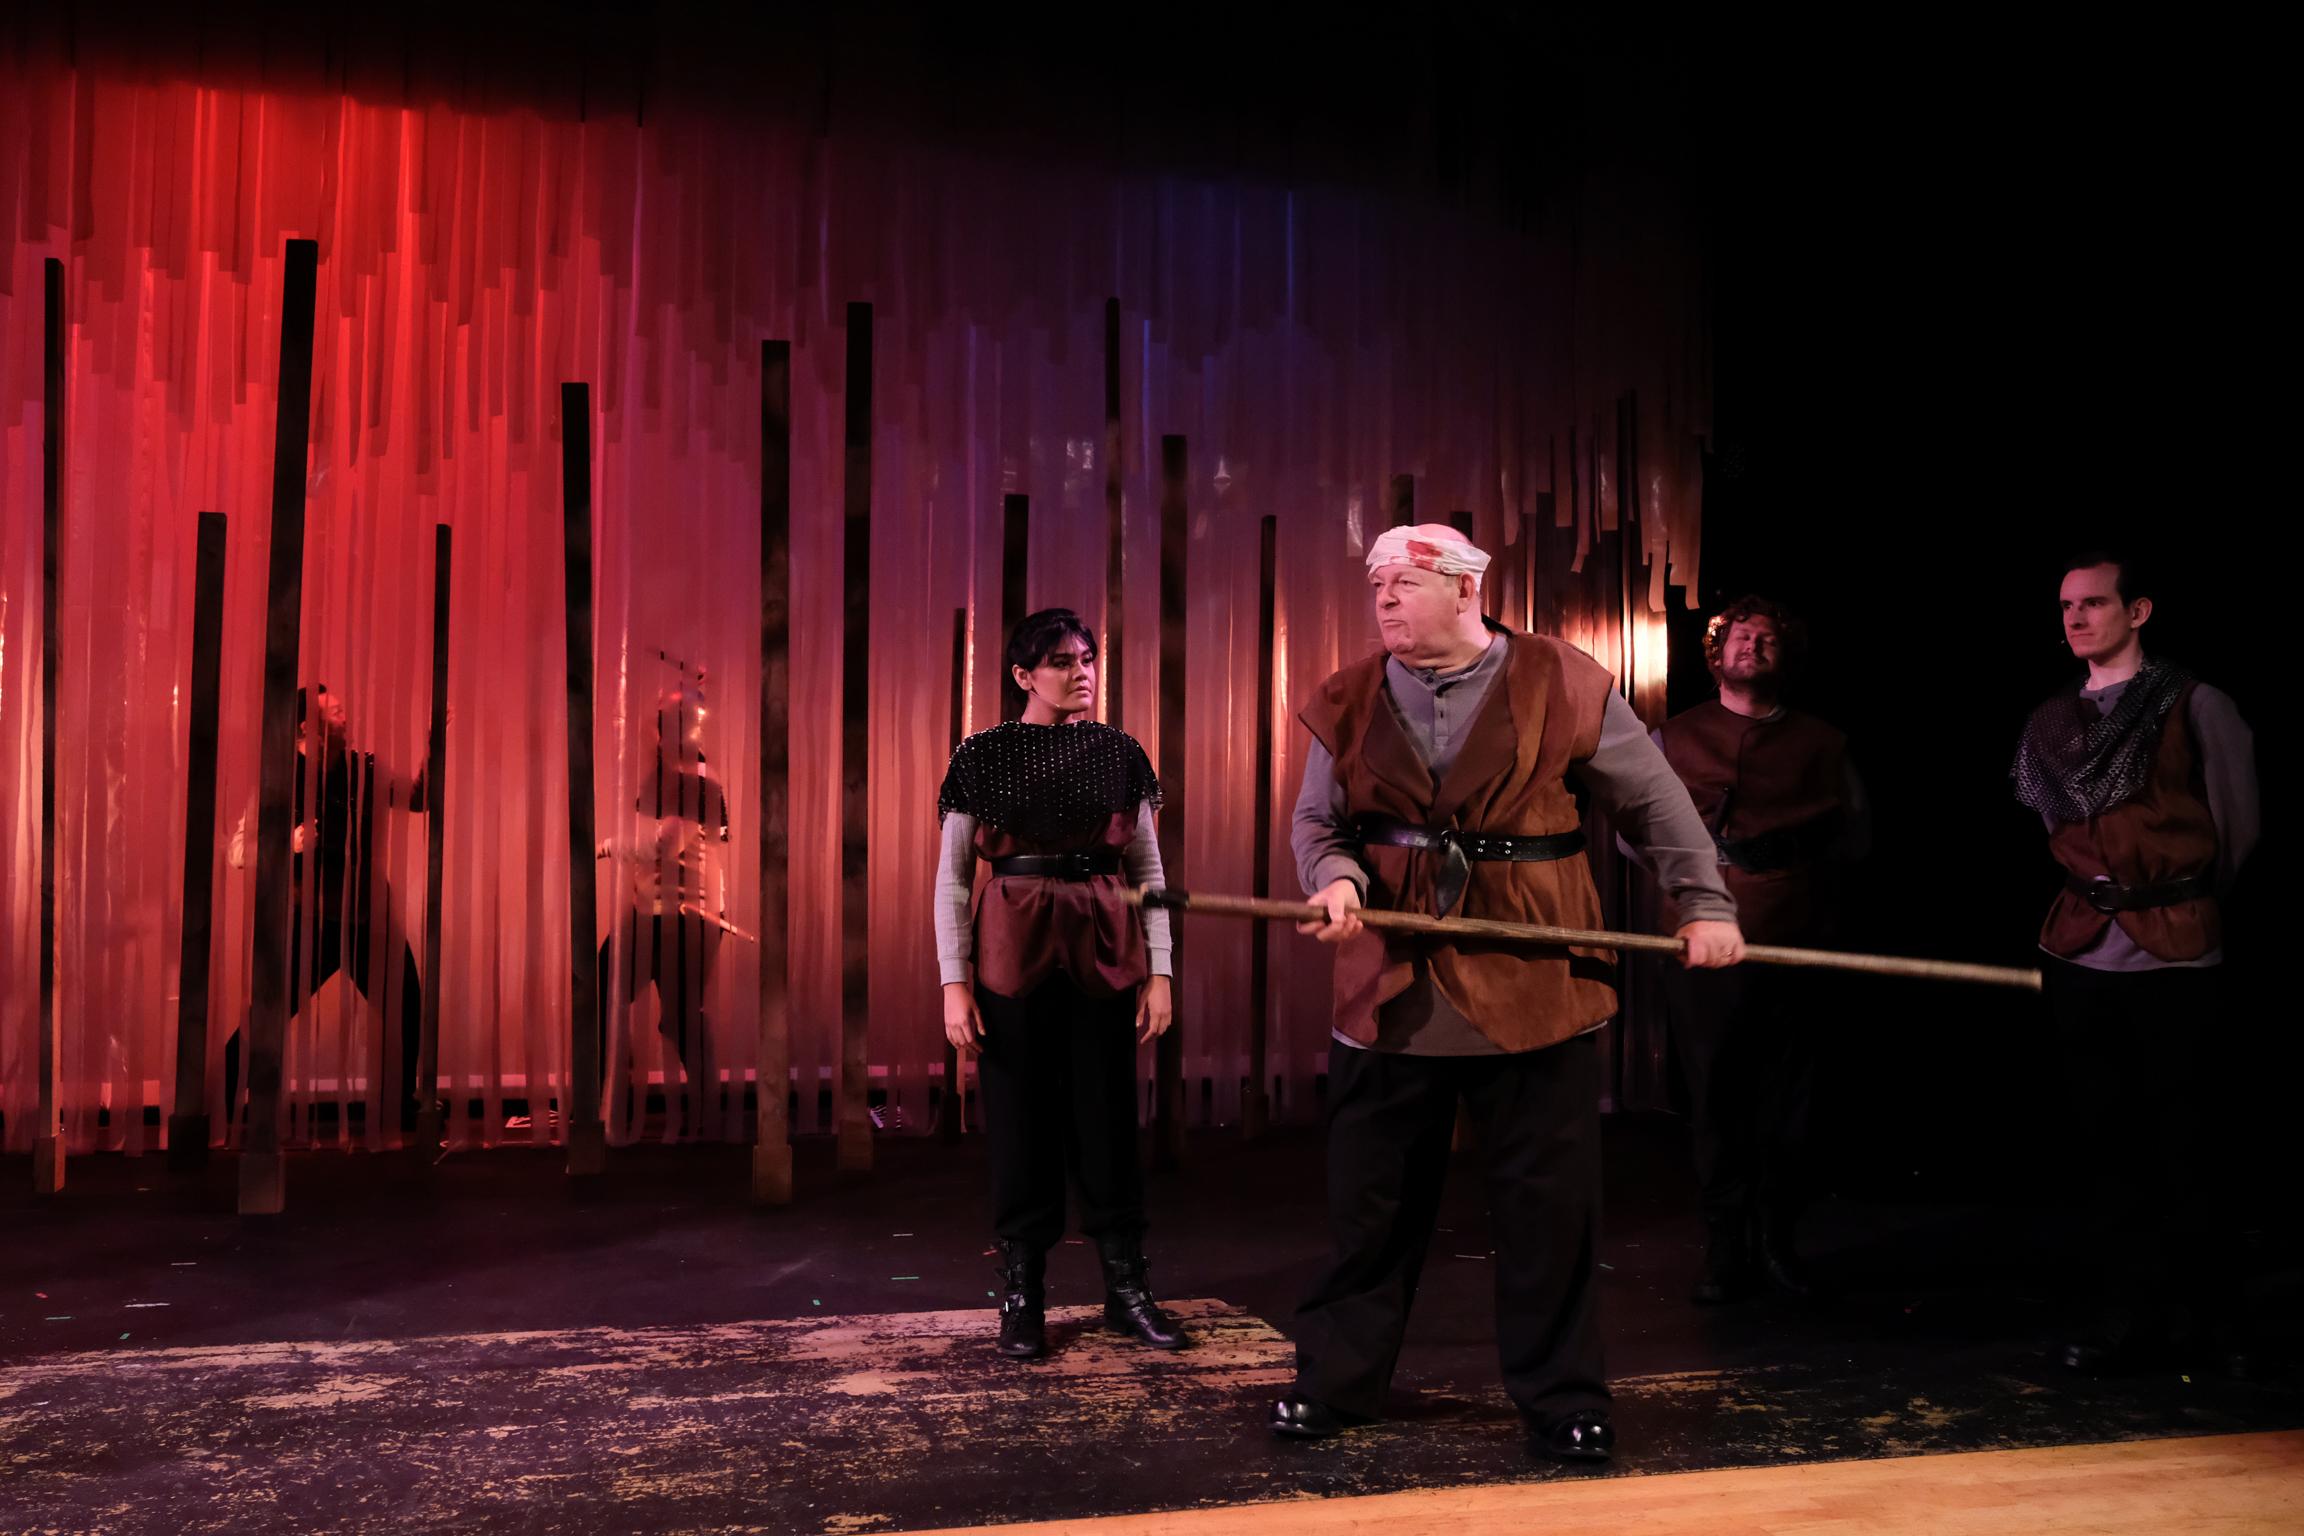 MacbethLowhres-2